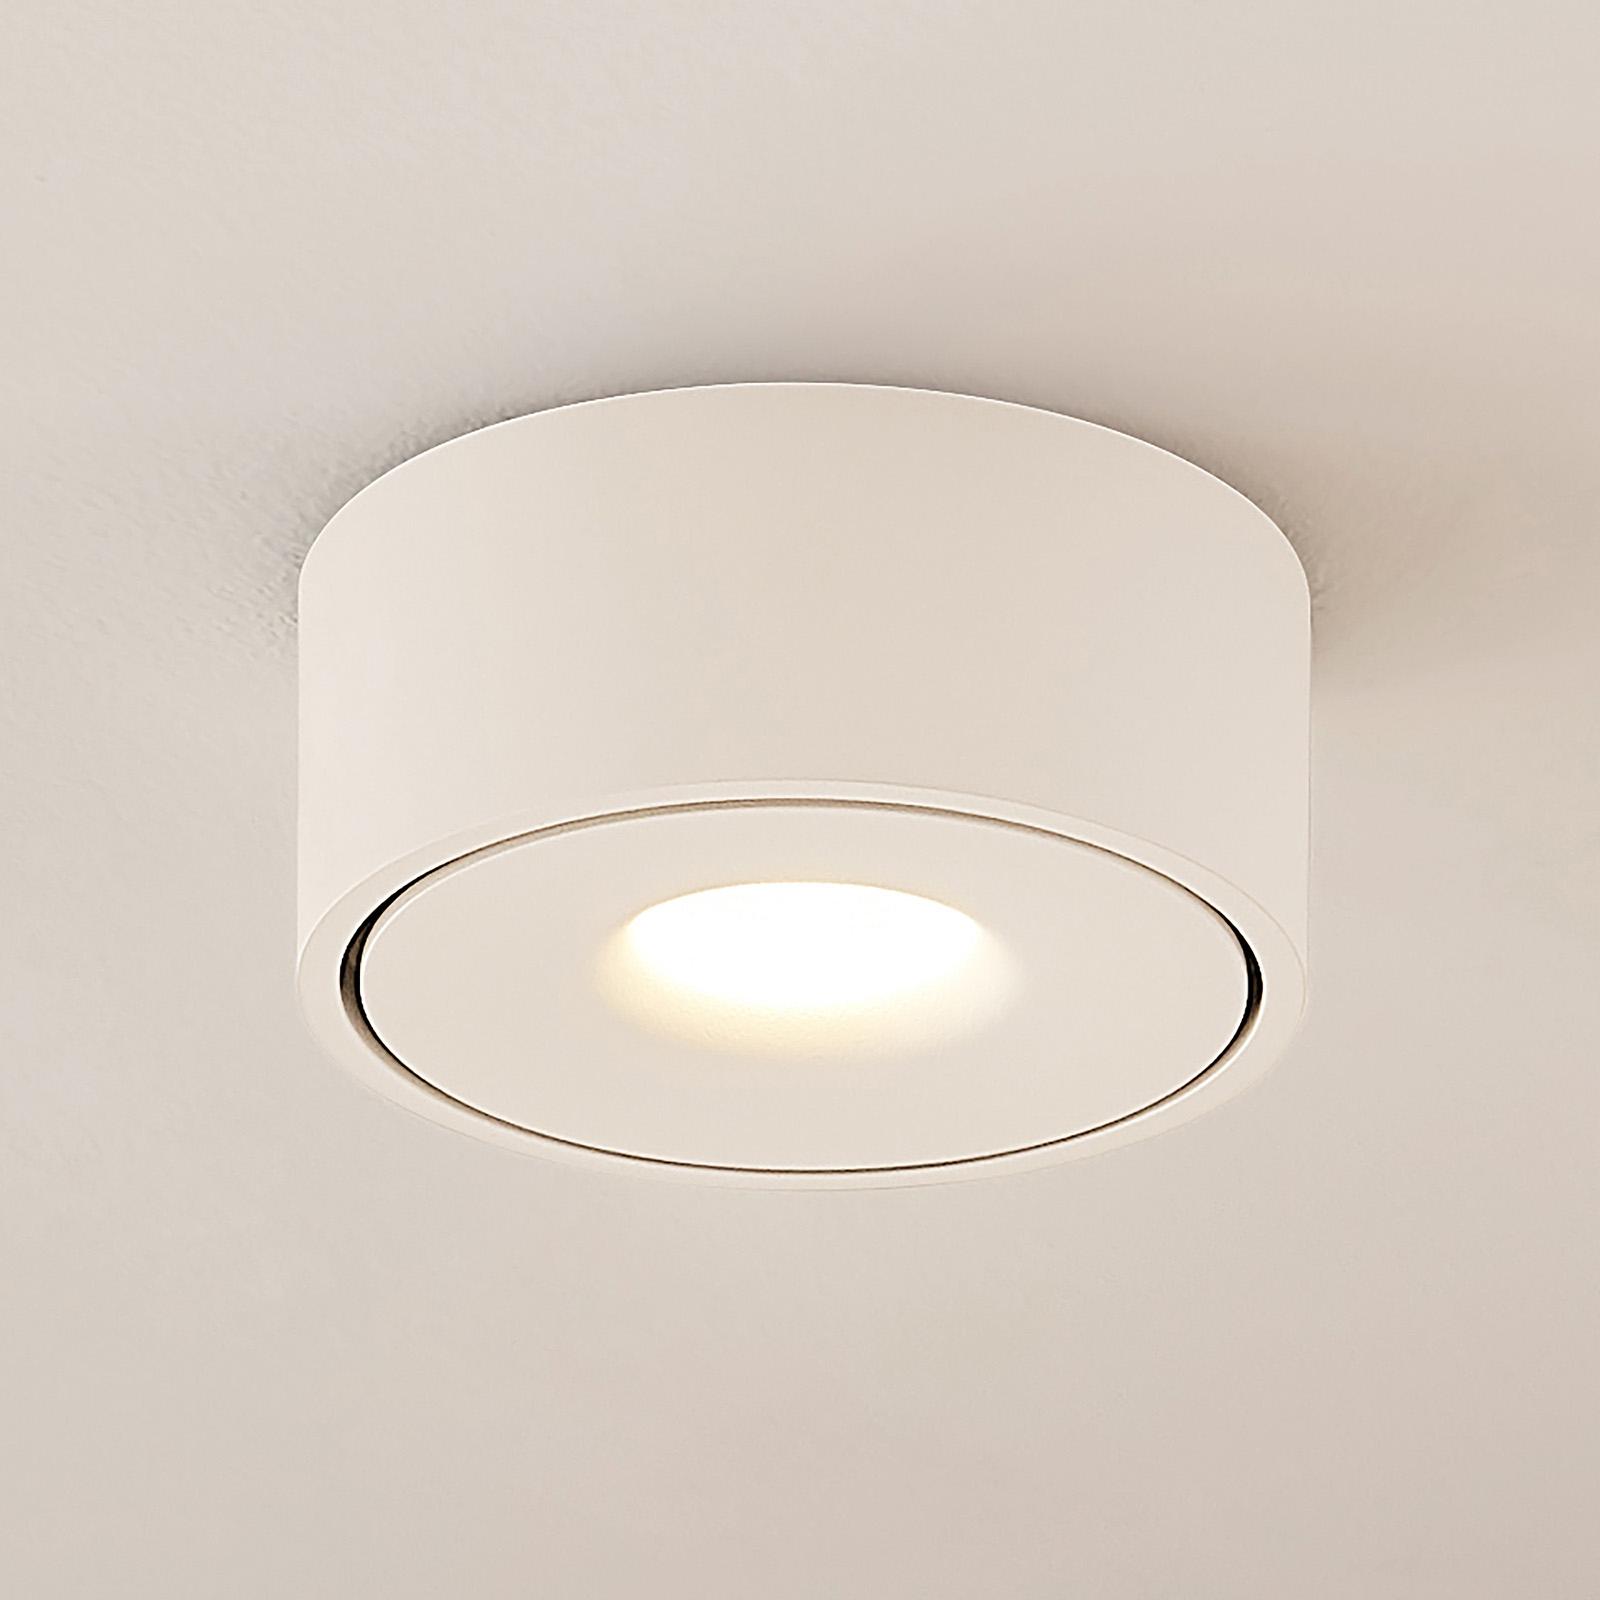 Arcchio Ranka lampa sufitowa LED, biała